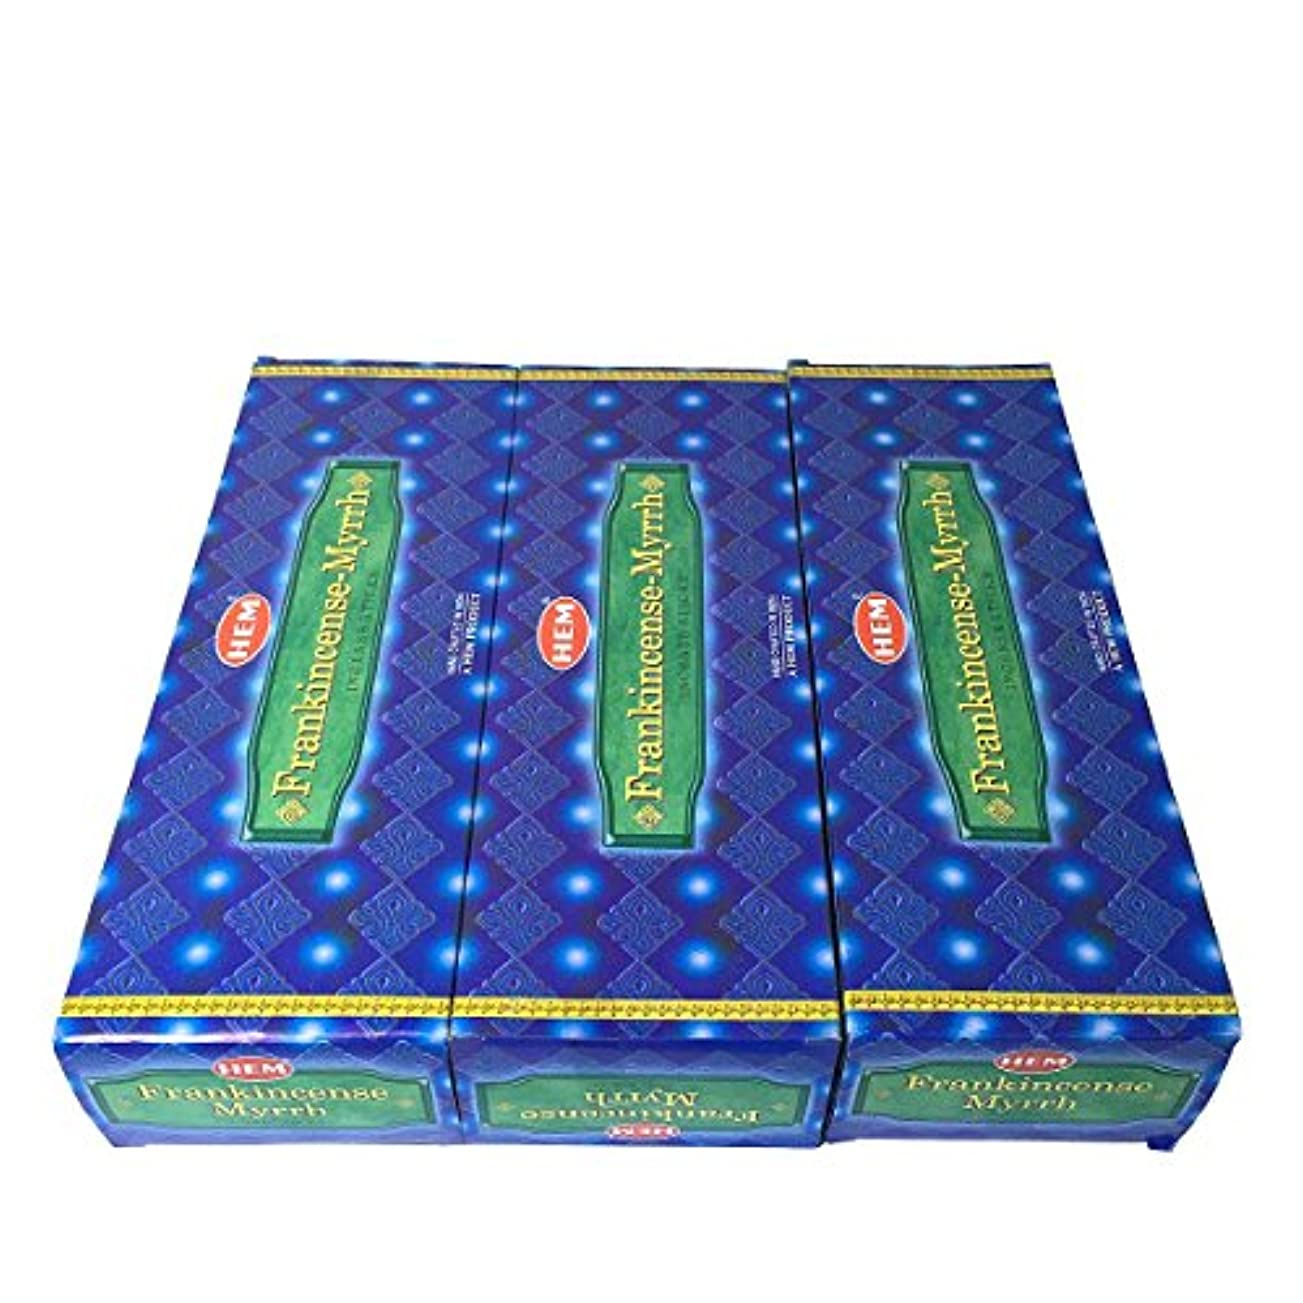 行列環境失フランキンセンス ミルラ香スティック 3BOX(18箱) /HEM FRANKINCENSE MYRRH/インセンス/インド香 お香 [並行輸入品]